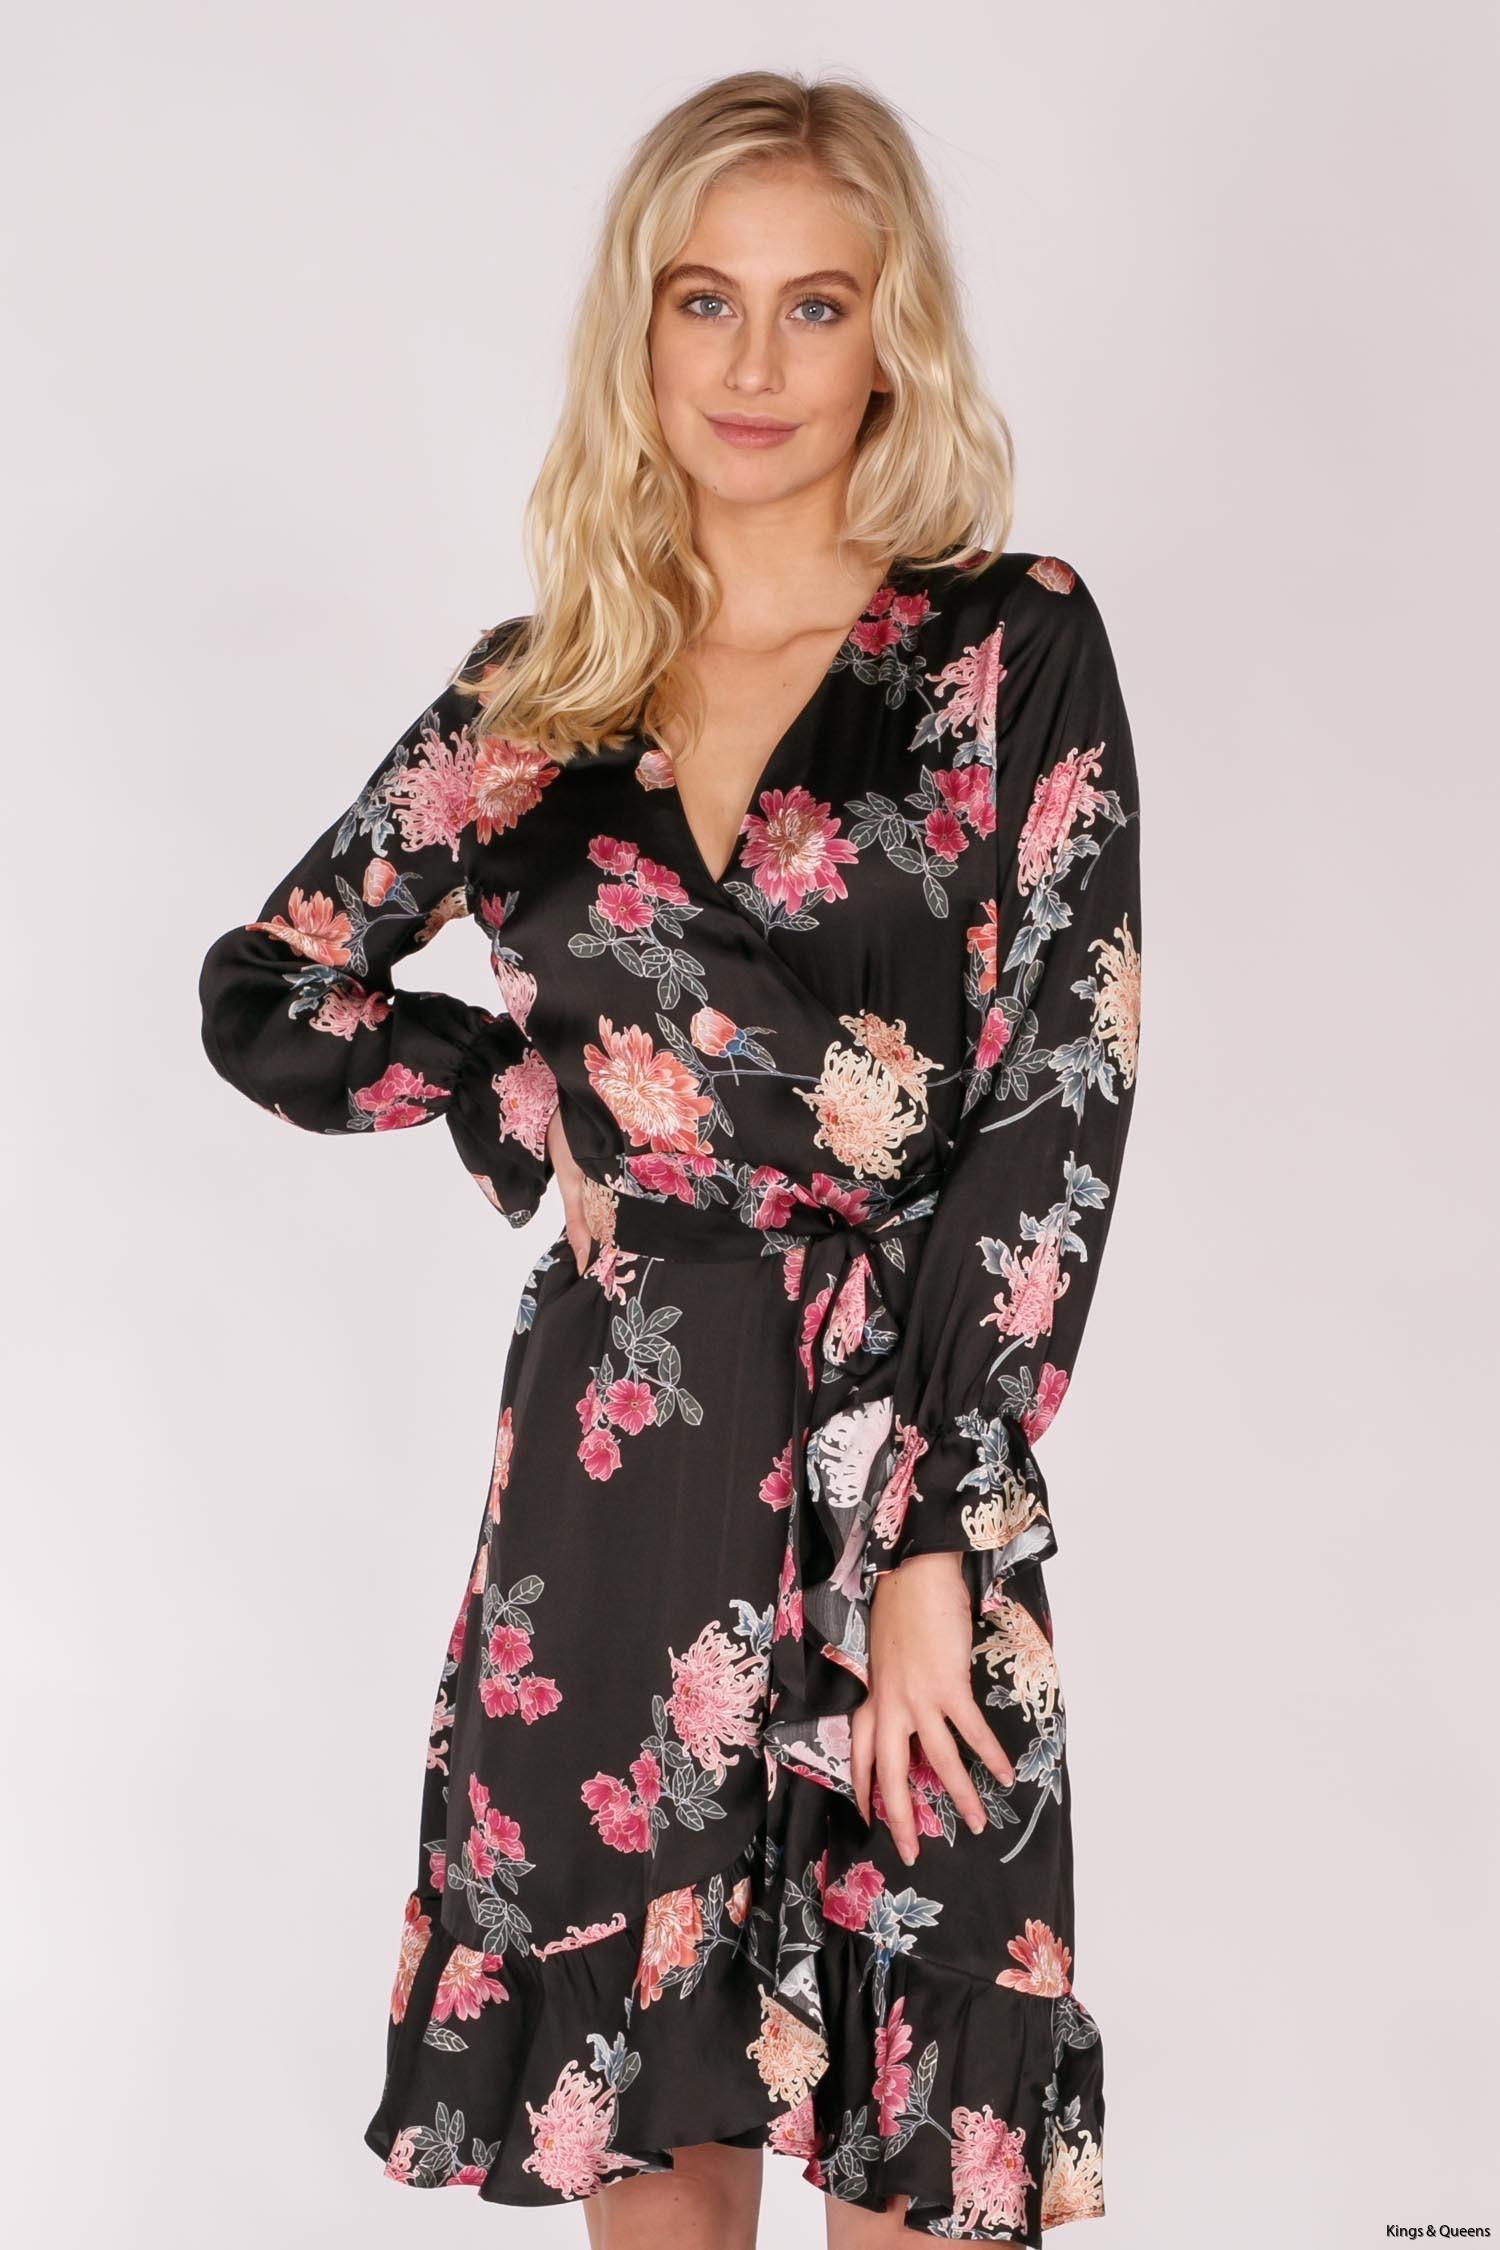 pw6352-misty_wrap_dress-4